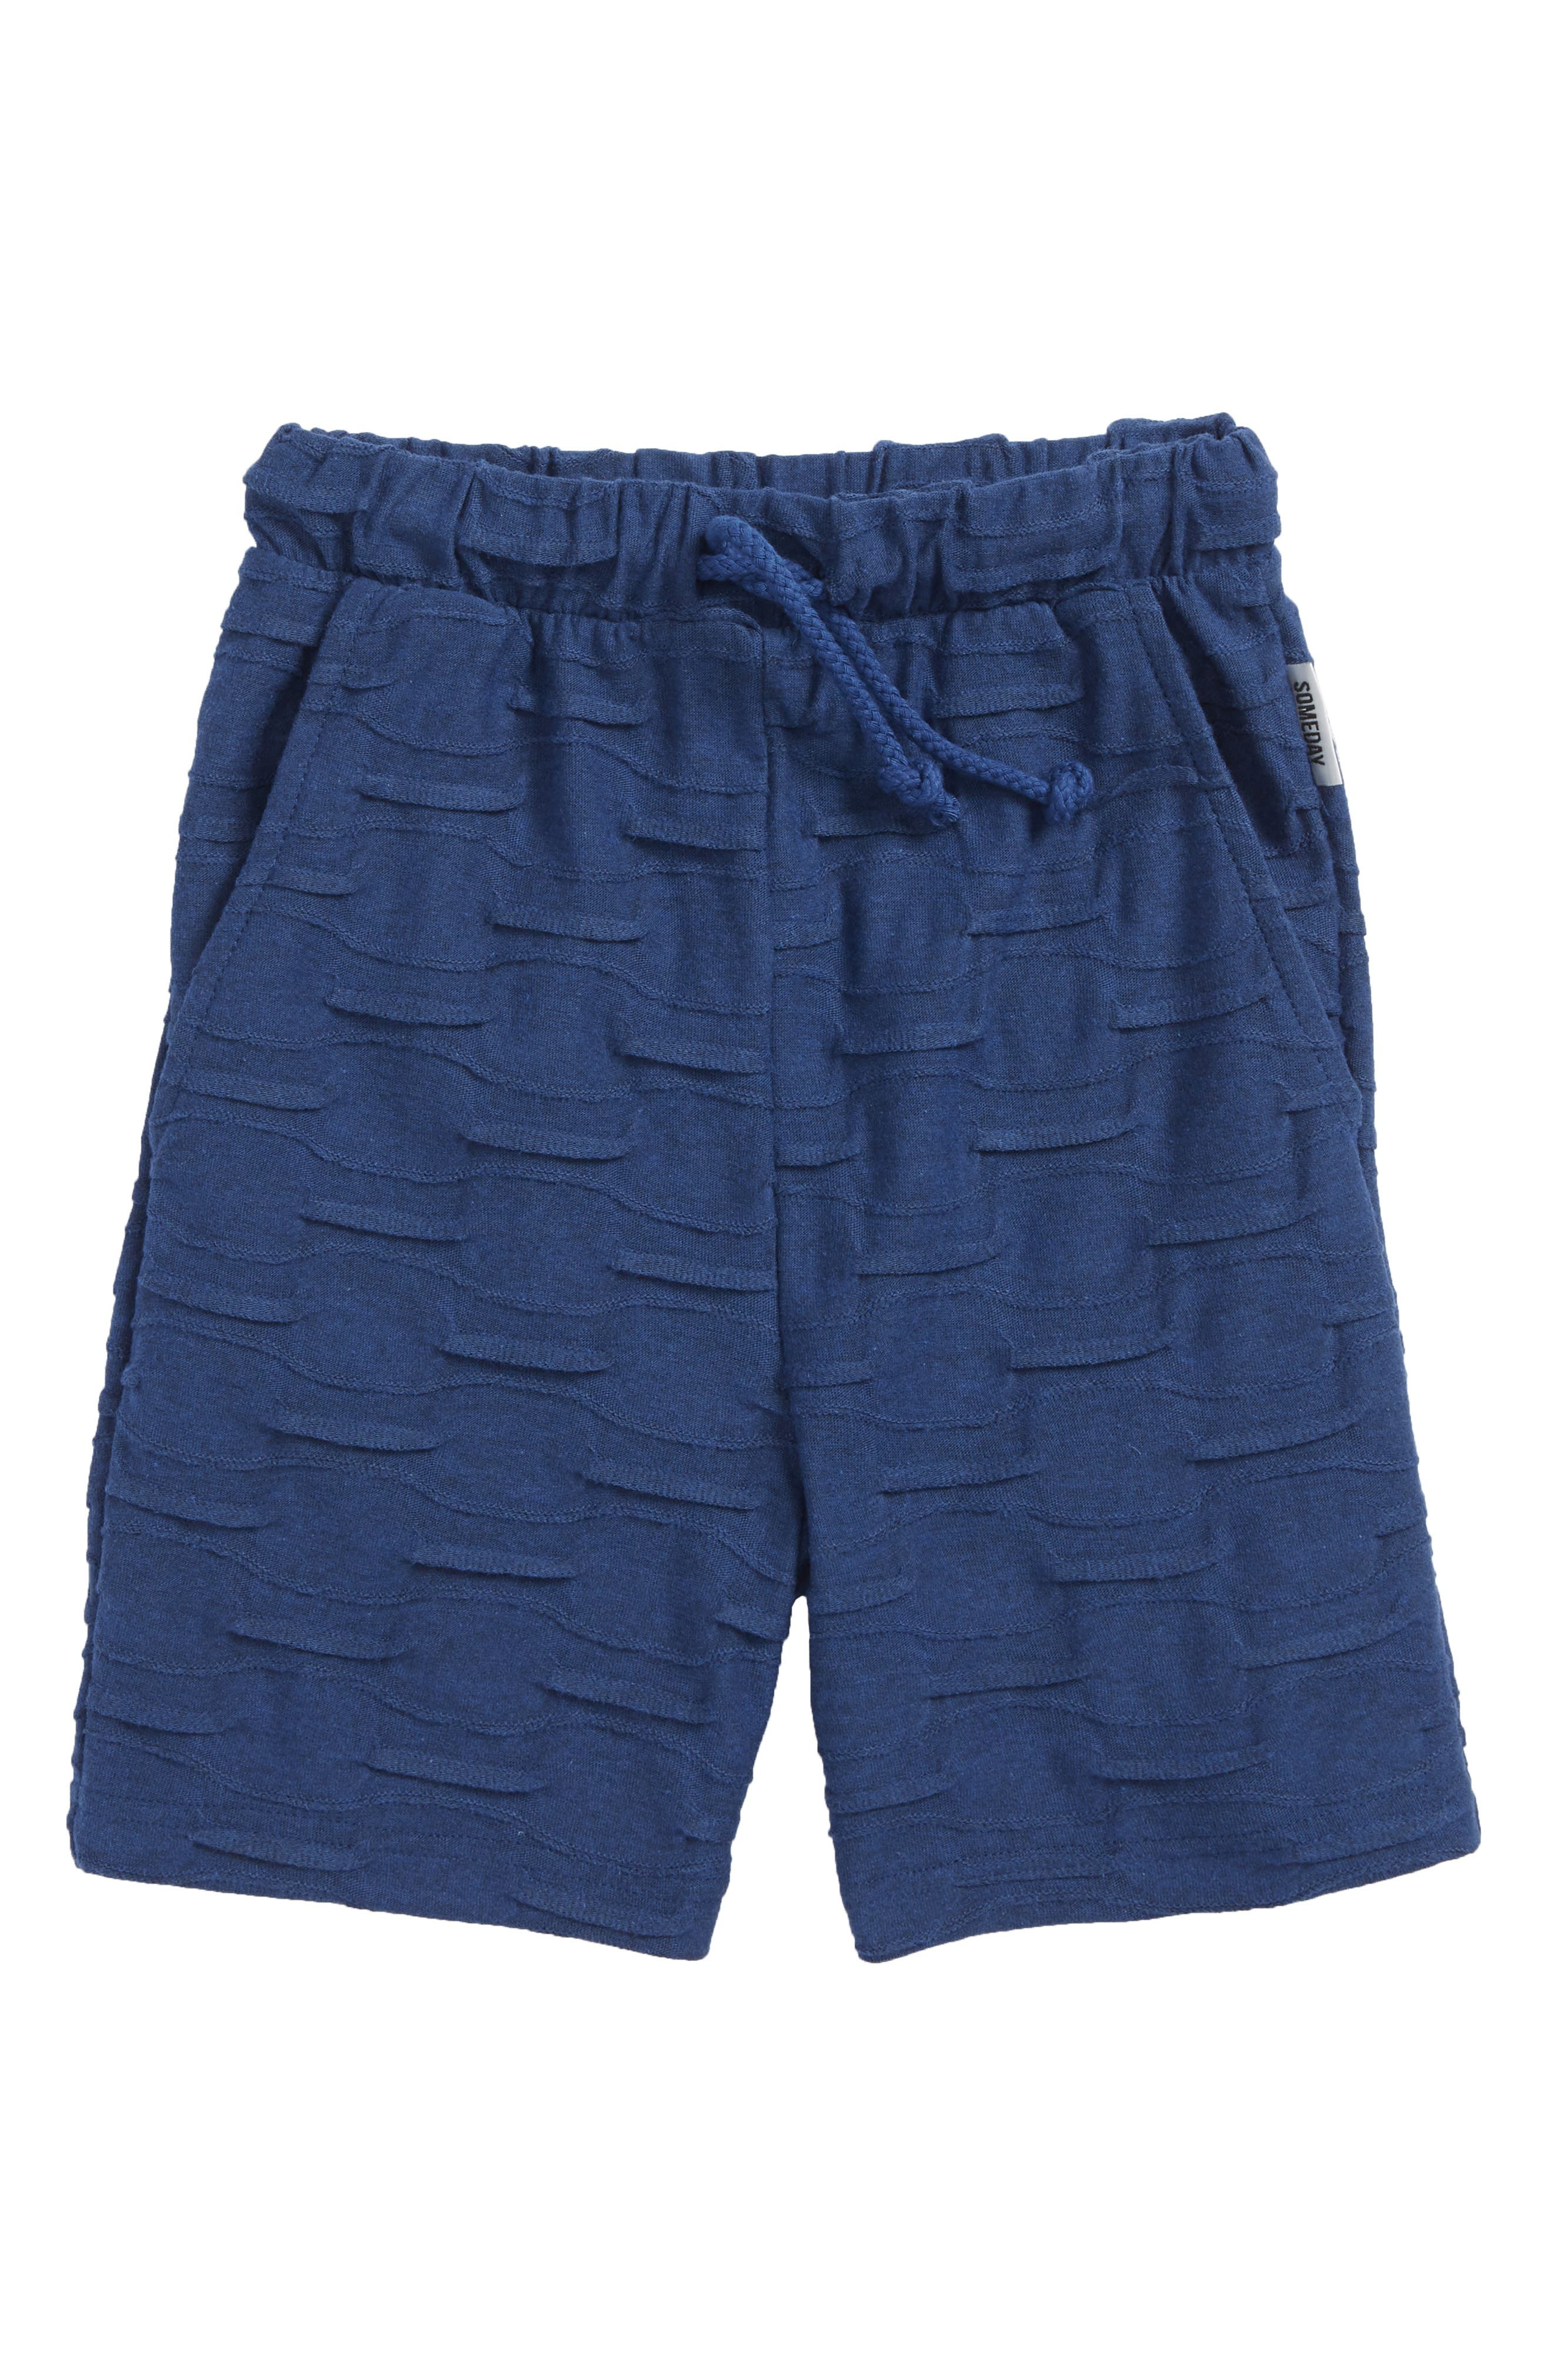 Cambria Shorts,                             Main thumbnail 1, color,